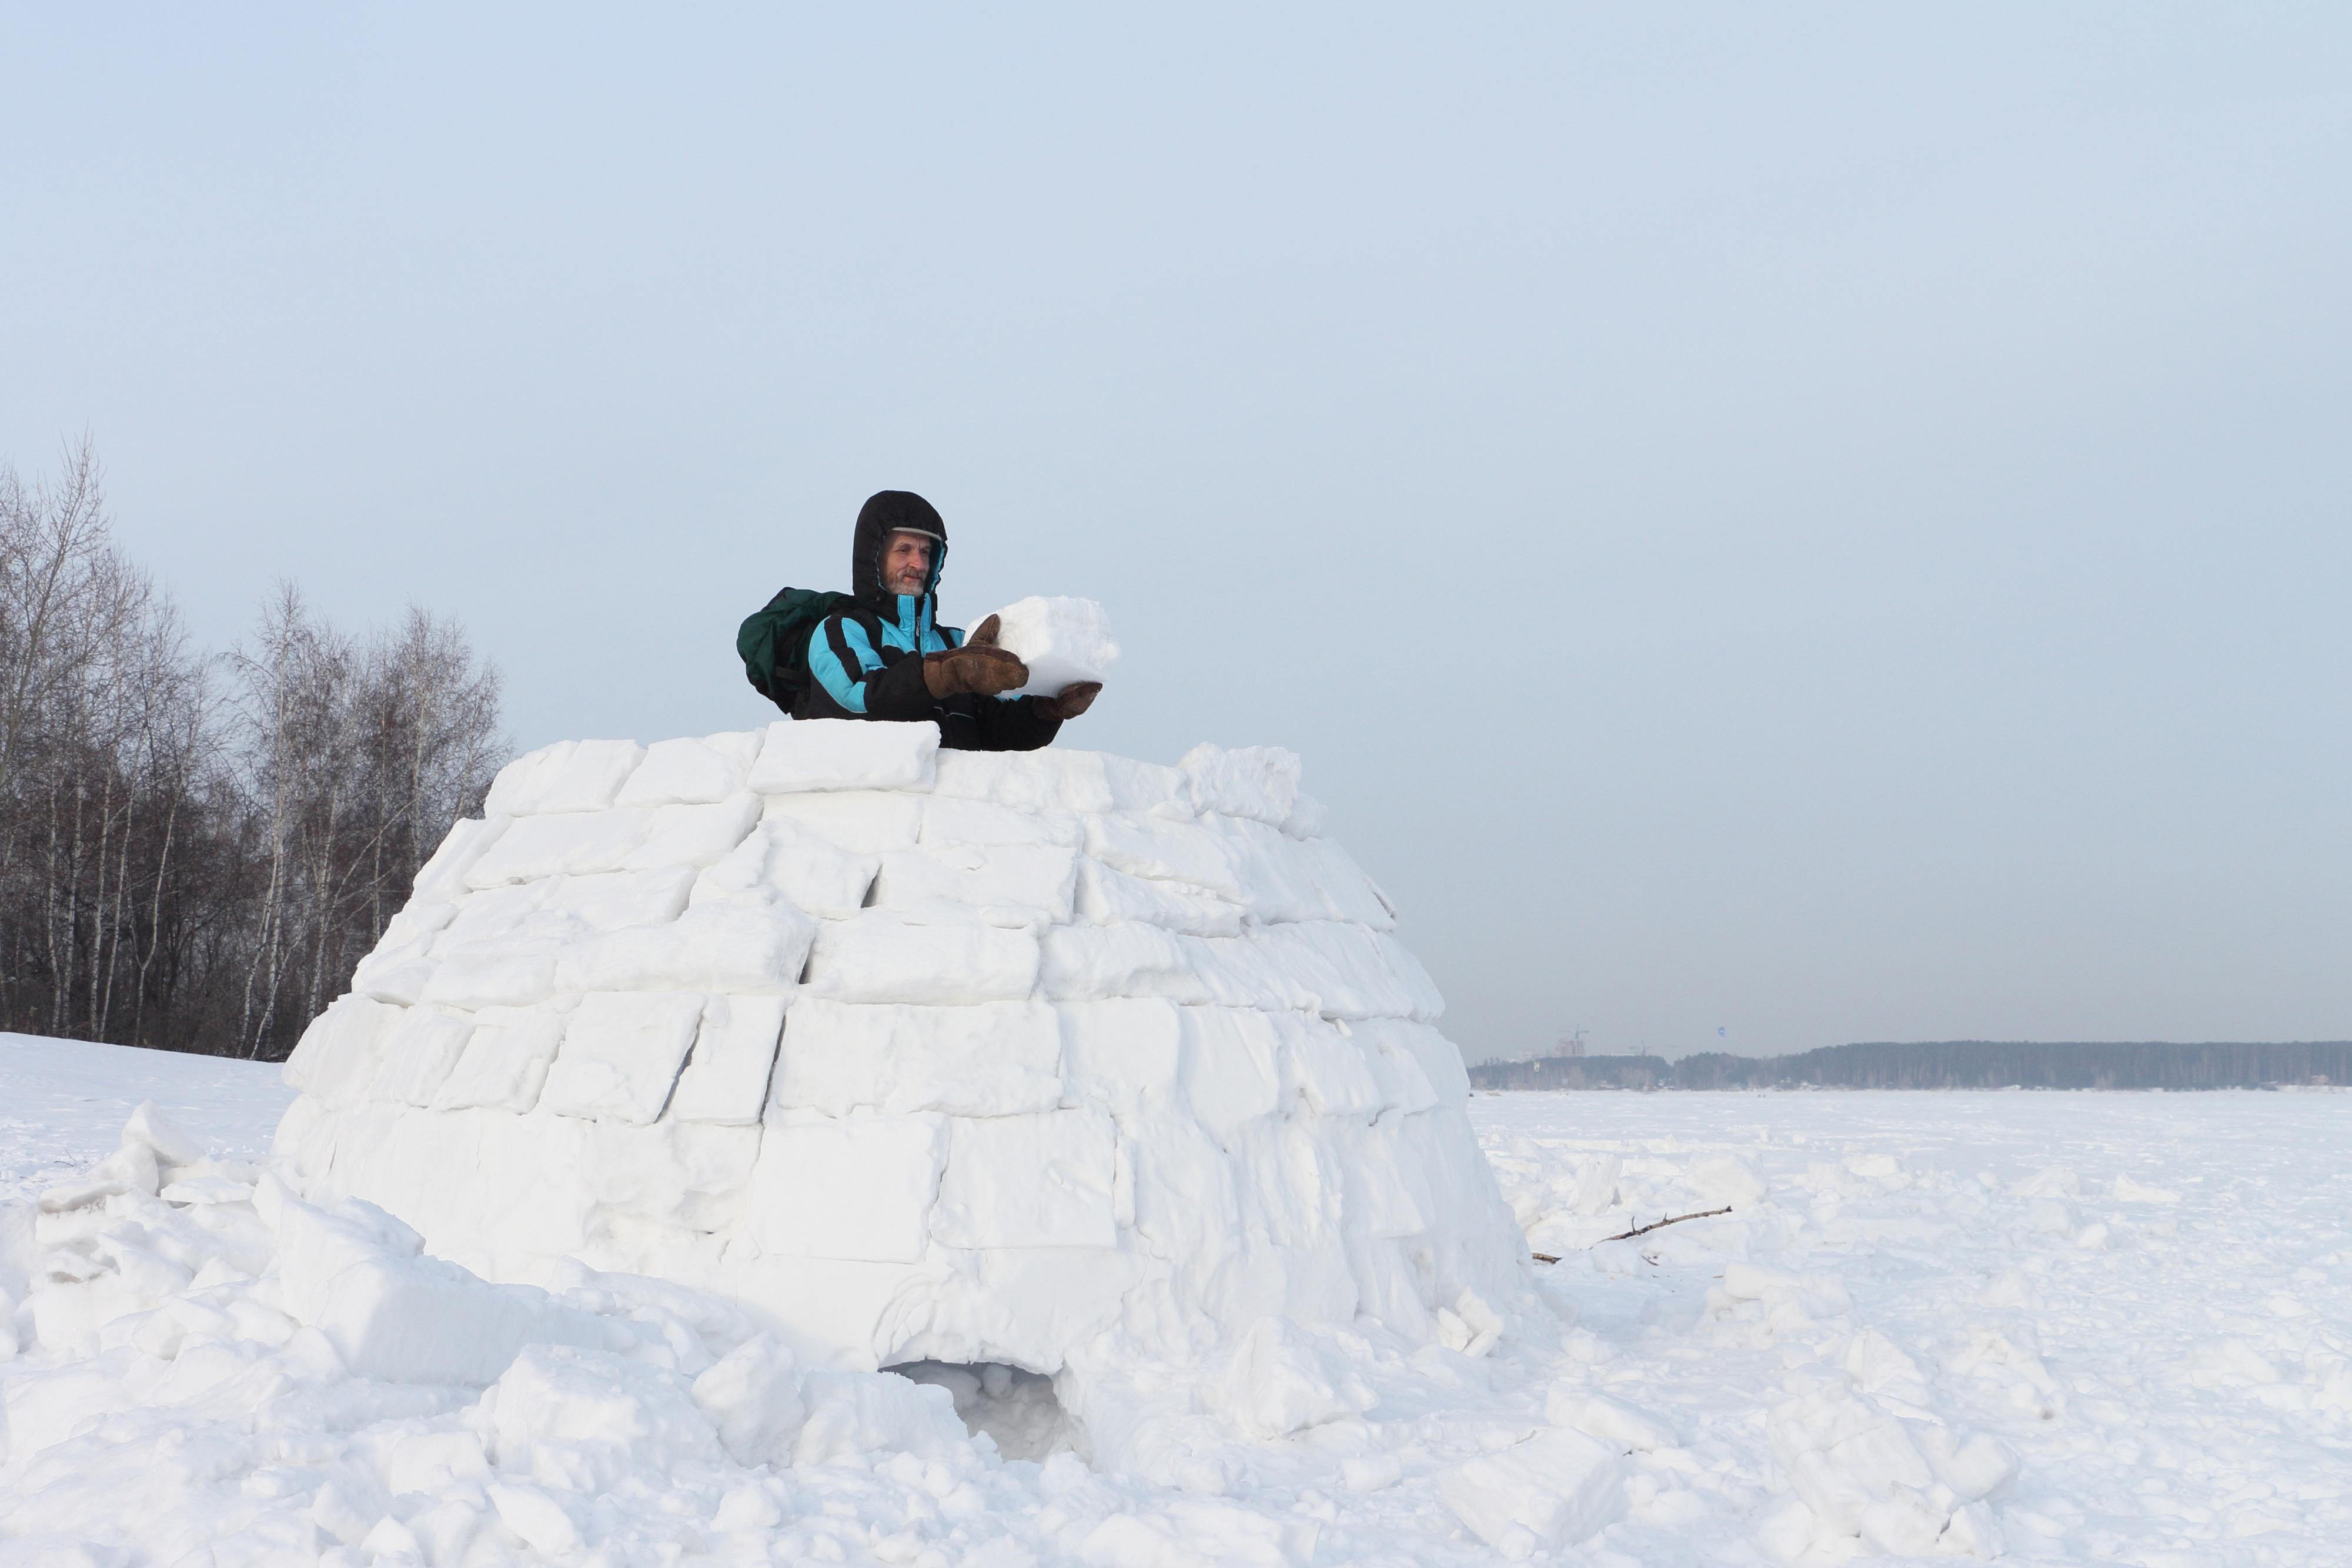 Im Zentrum steht eine Person und setzt von dort die einzelnen Schneeblöcke.